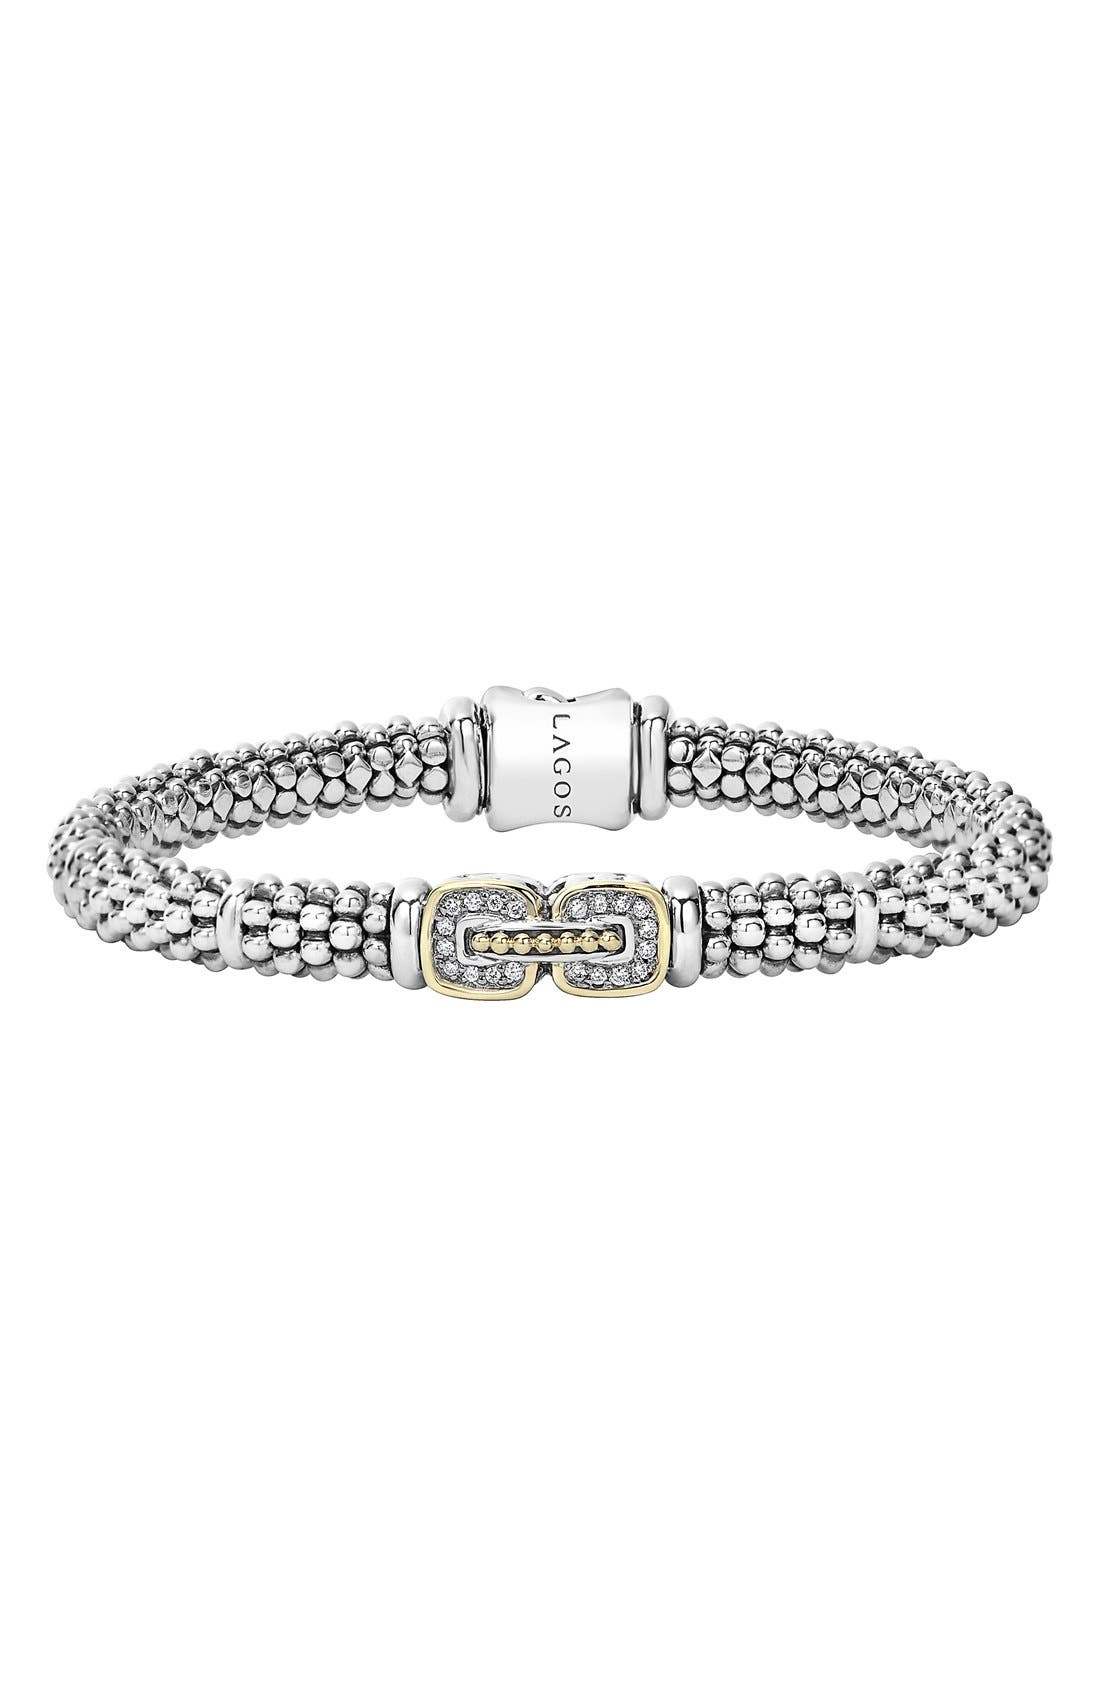 LAGOS 'Cushion' Diamond Caviar Bracelet